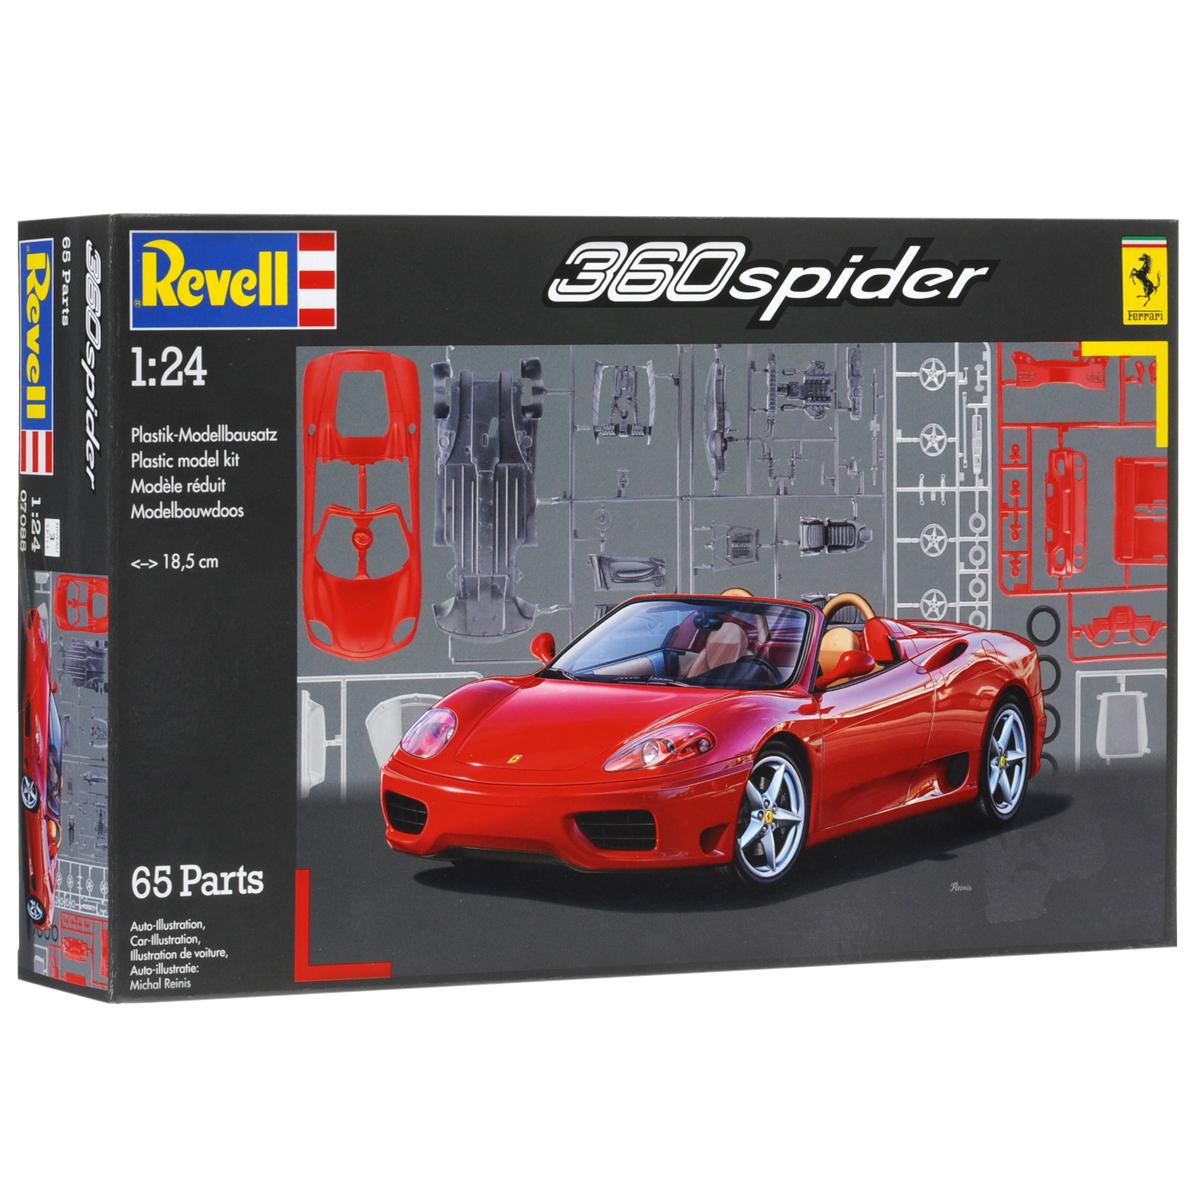 """Сборная модель Revell """"Автомобиль Ferrari 360 Spider"""" поможет вам и вашему ребенку придумать увлекательное занятие на долгое время. Набор включает в себя 65 пластиковых элементов, из которых можно собрать достоверную уменьшенную копию одноименного автомобиля. Машина была впервые представлена публике в 2000 году. Spider удачно сочетает в себе агрессивный спортивный дизайн с вместительностью и комфортом. Низкопрофильный кабриолет достигает всего 1,21 м в высоту. Автомобиль имеет превосходную управляемость, которая гарантирует даже неопытному водителю безупречное прохождение самых крутых поворотов. Кроме того, этот автомобиль мечты оснащен мягкой крышей, которая убирается всего за 20 секунд. В свою очередь 3,6-литровый 8-цилиндровый двигатель мощностью 400 лошадиных сил позволяет разгонять Ferrari 360 Spider до 290 км/час. Также в наборе схематичная инструкция по сборке. Процесс сборки развивает интеллектуальные и инструментальные способности, воображение и..."""